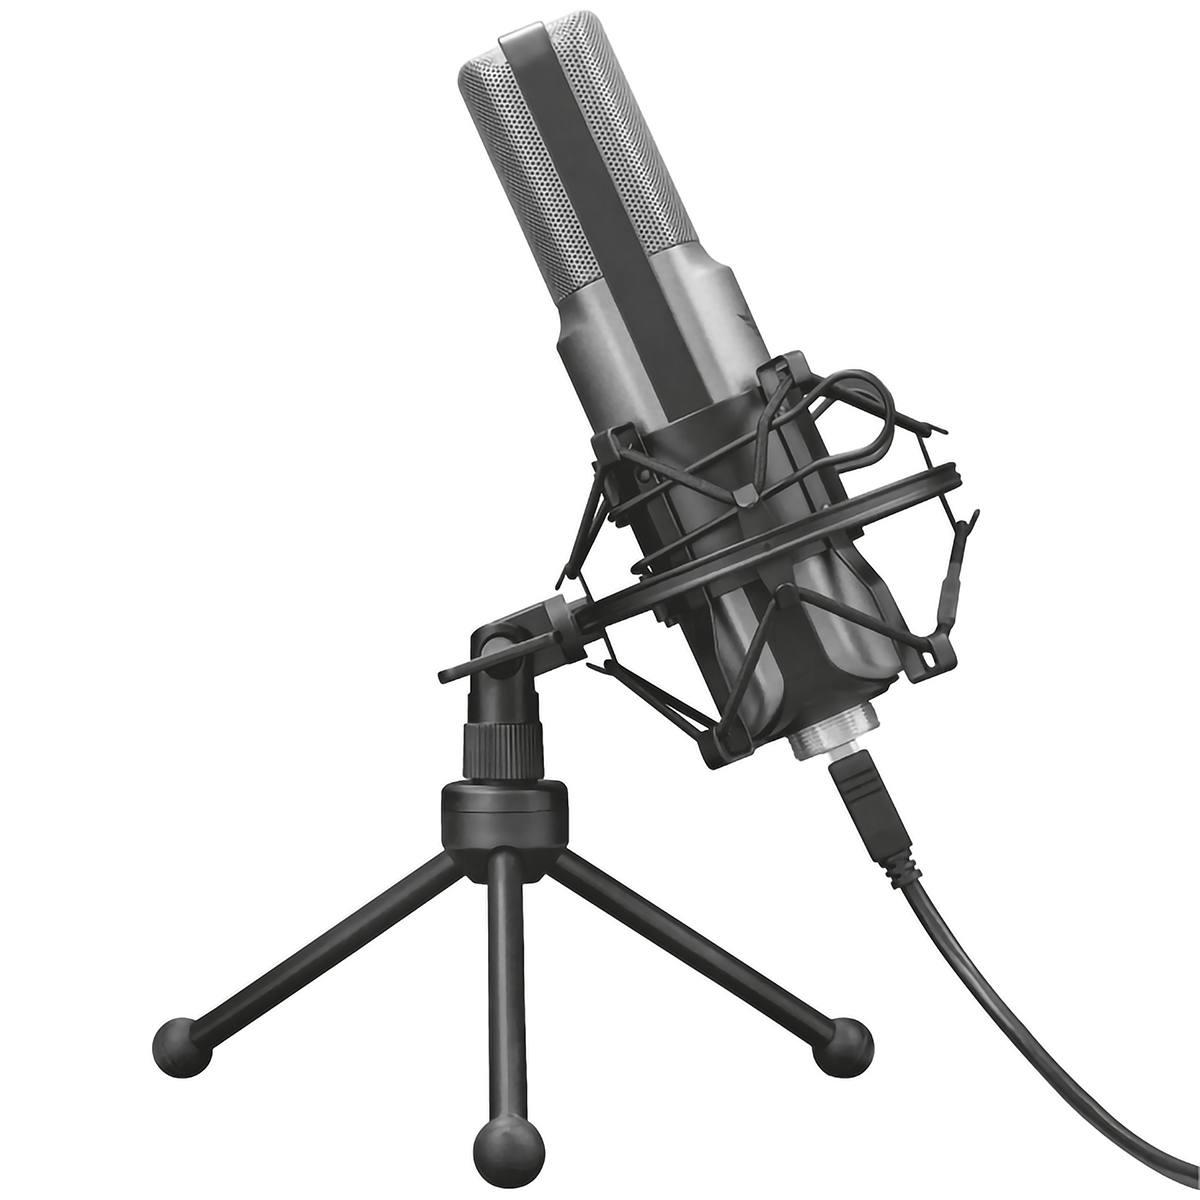 Microfone de Mesa Cardioide Unidirecional com Tripé Filtro Pop Montagem de Choque e Antivibrações Trust GXT 242 Lance